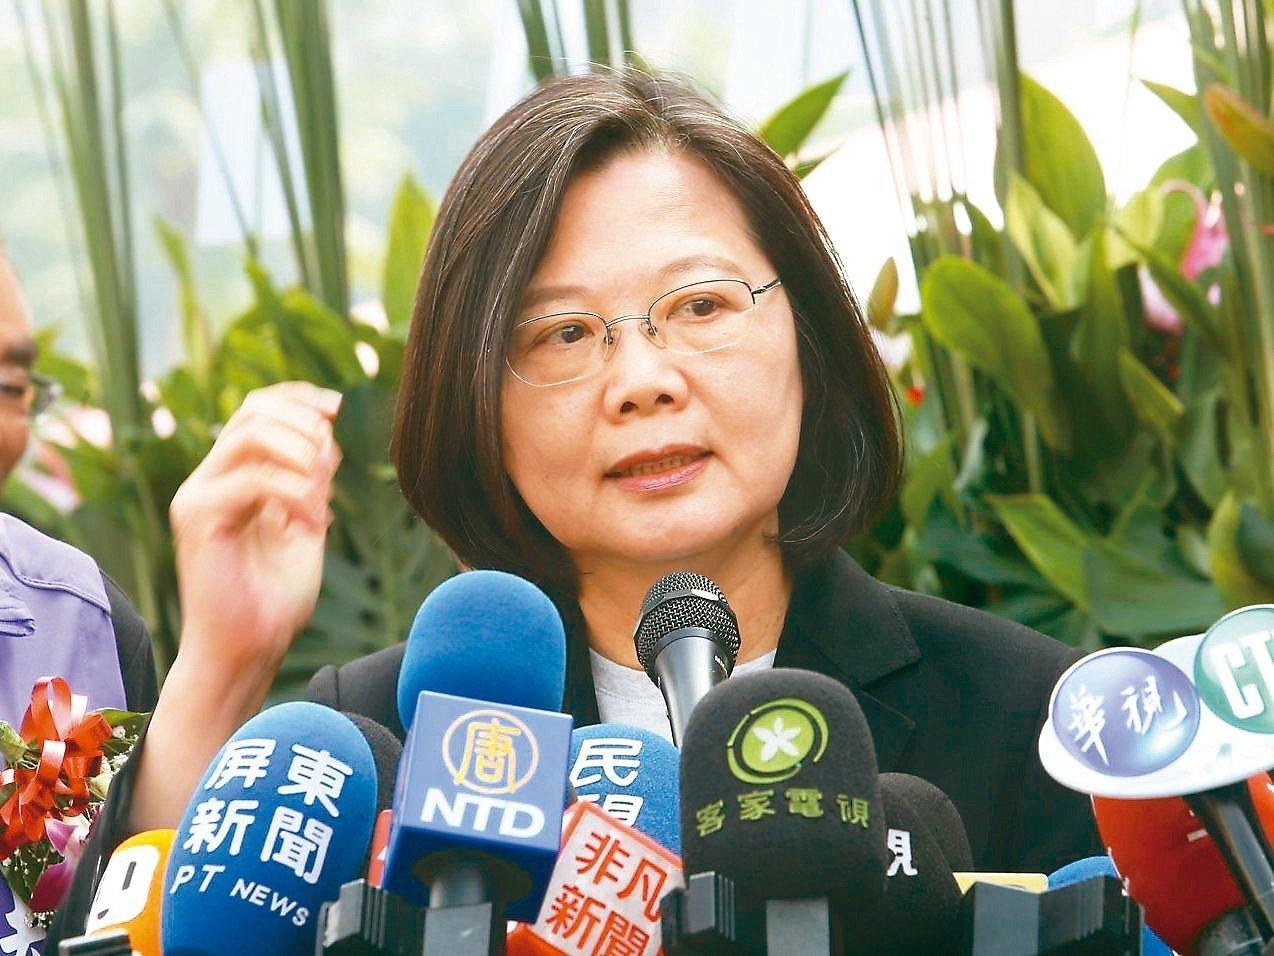 台大醫院前副院長王明鉅吐槽說,民主自由現在就已經被打折,再選她,台灣的民主與自由...